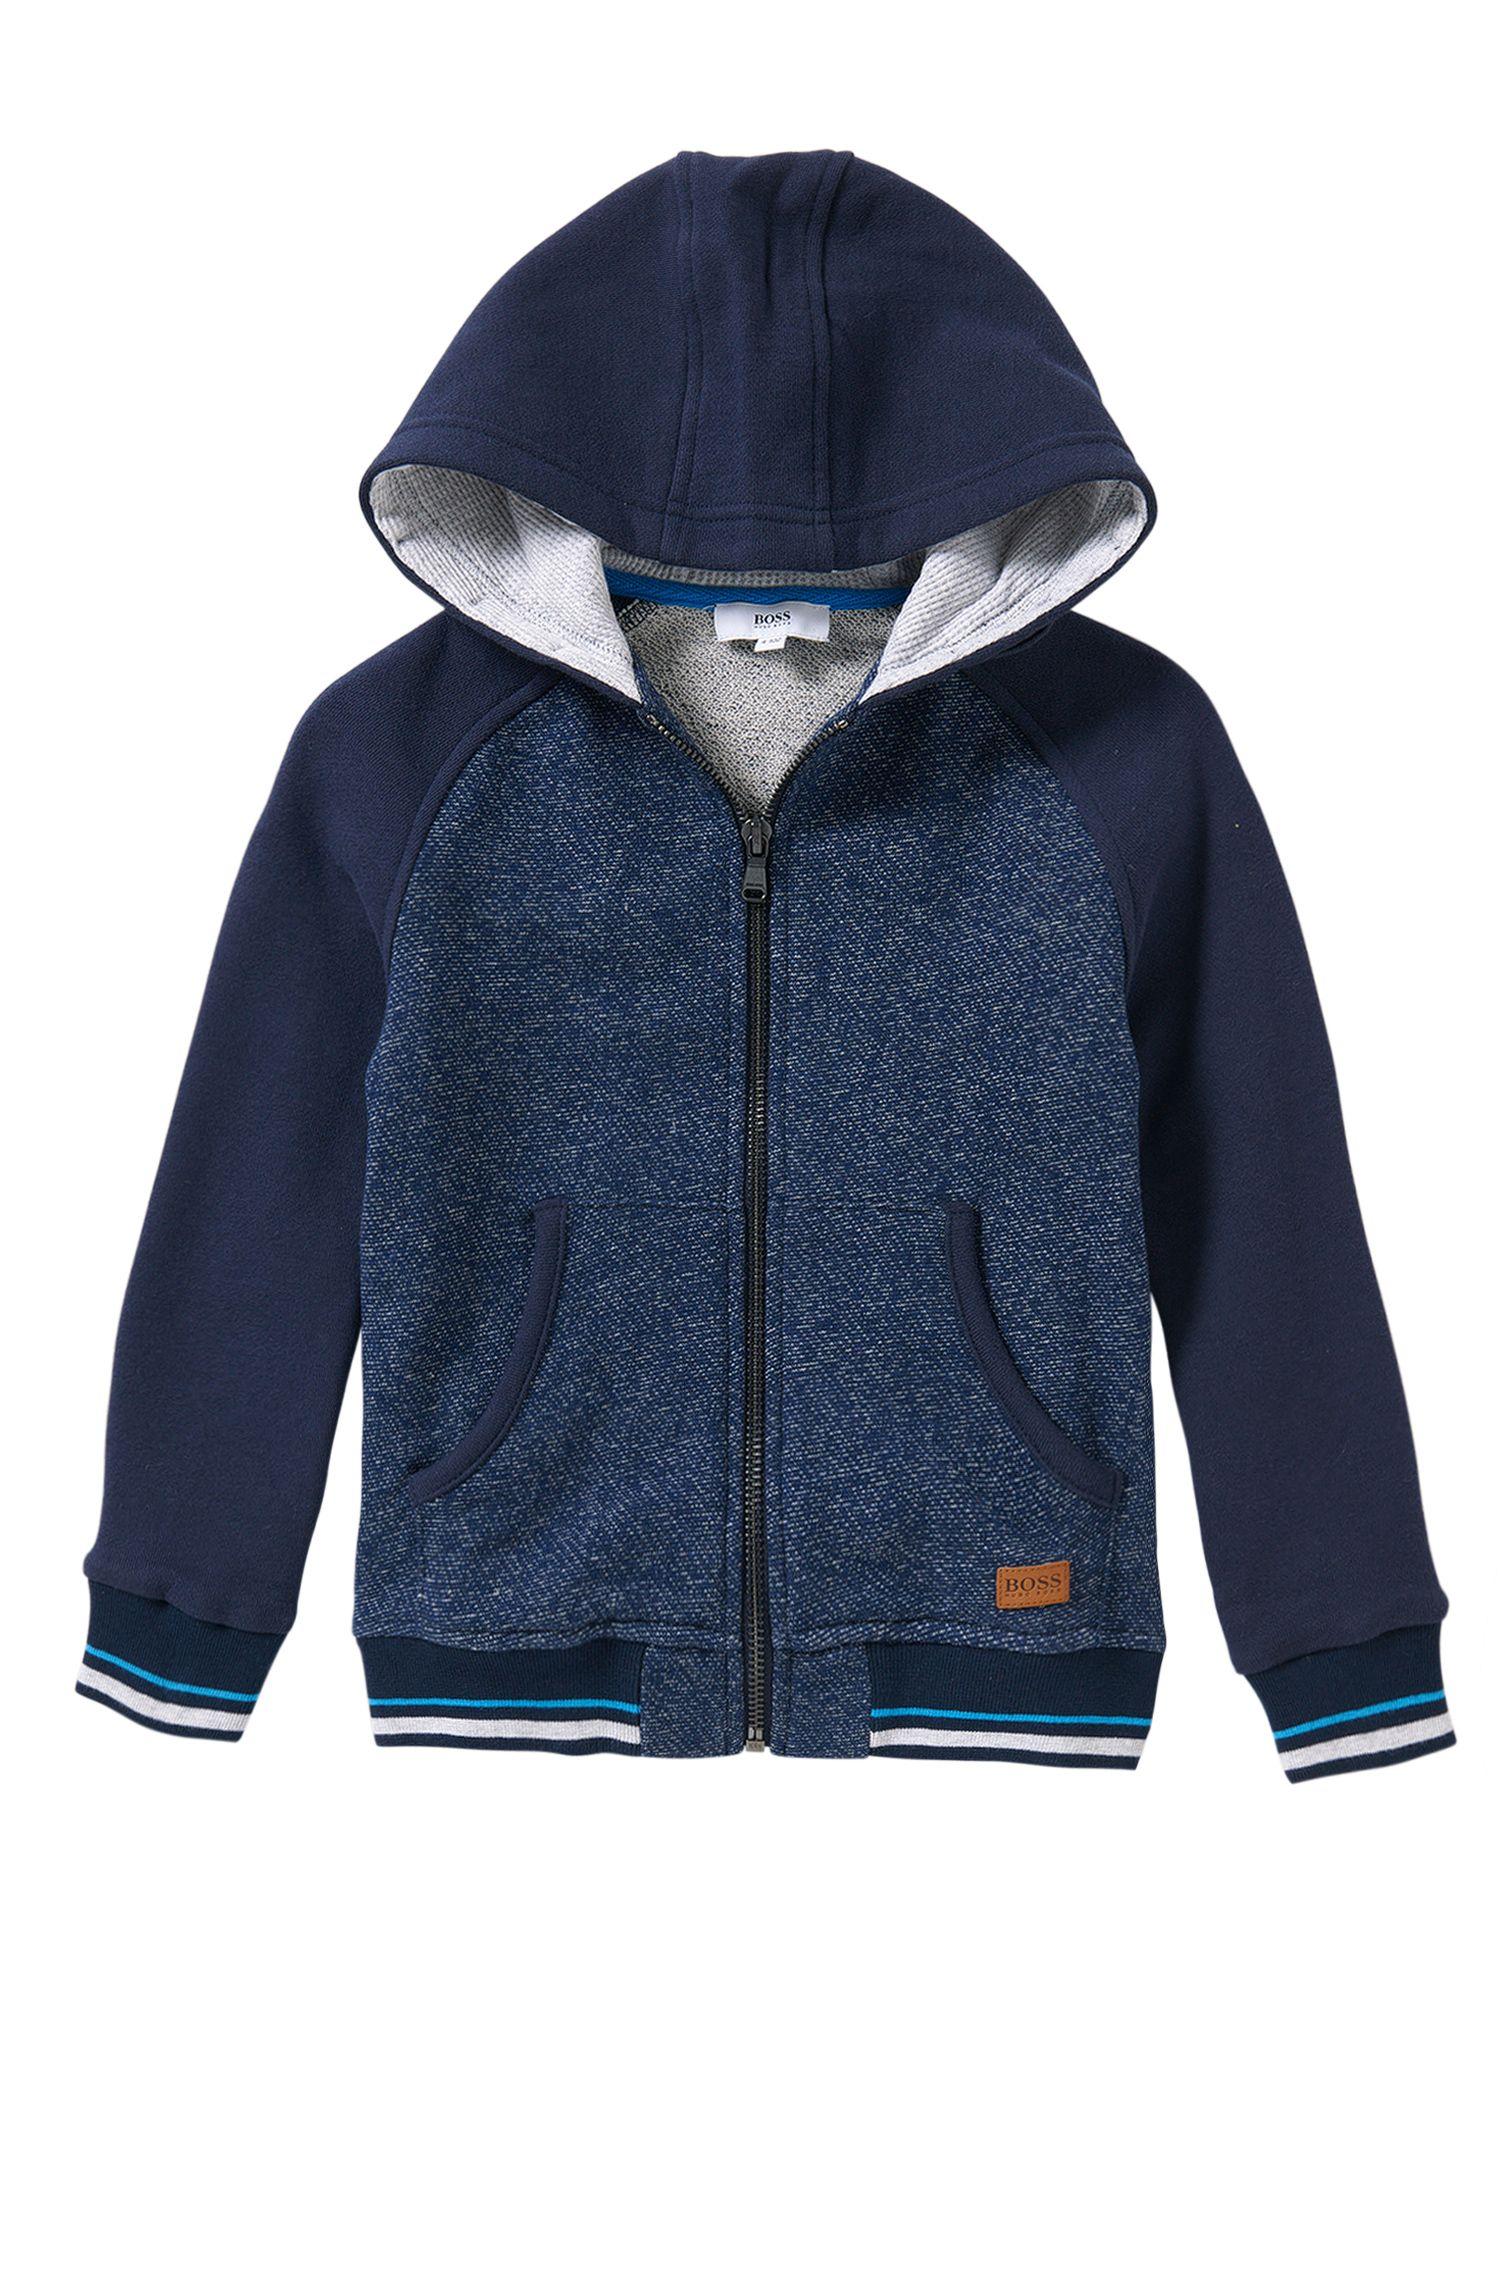 Kids-Kapuzen-Sweatshirt-Jacke aus Baumwolle mit Eingrifftaschen: 'J25963'